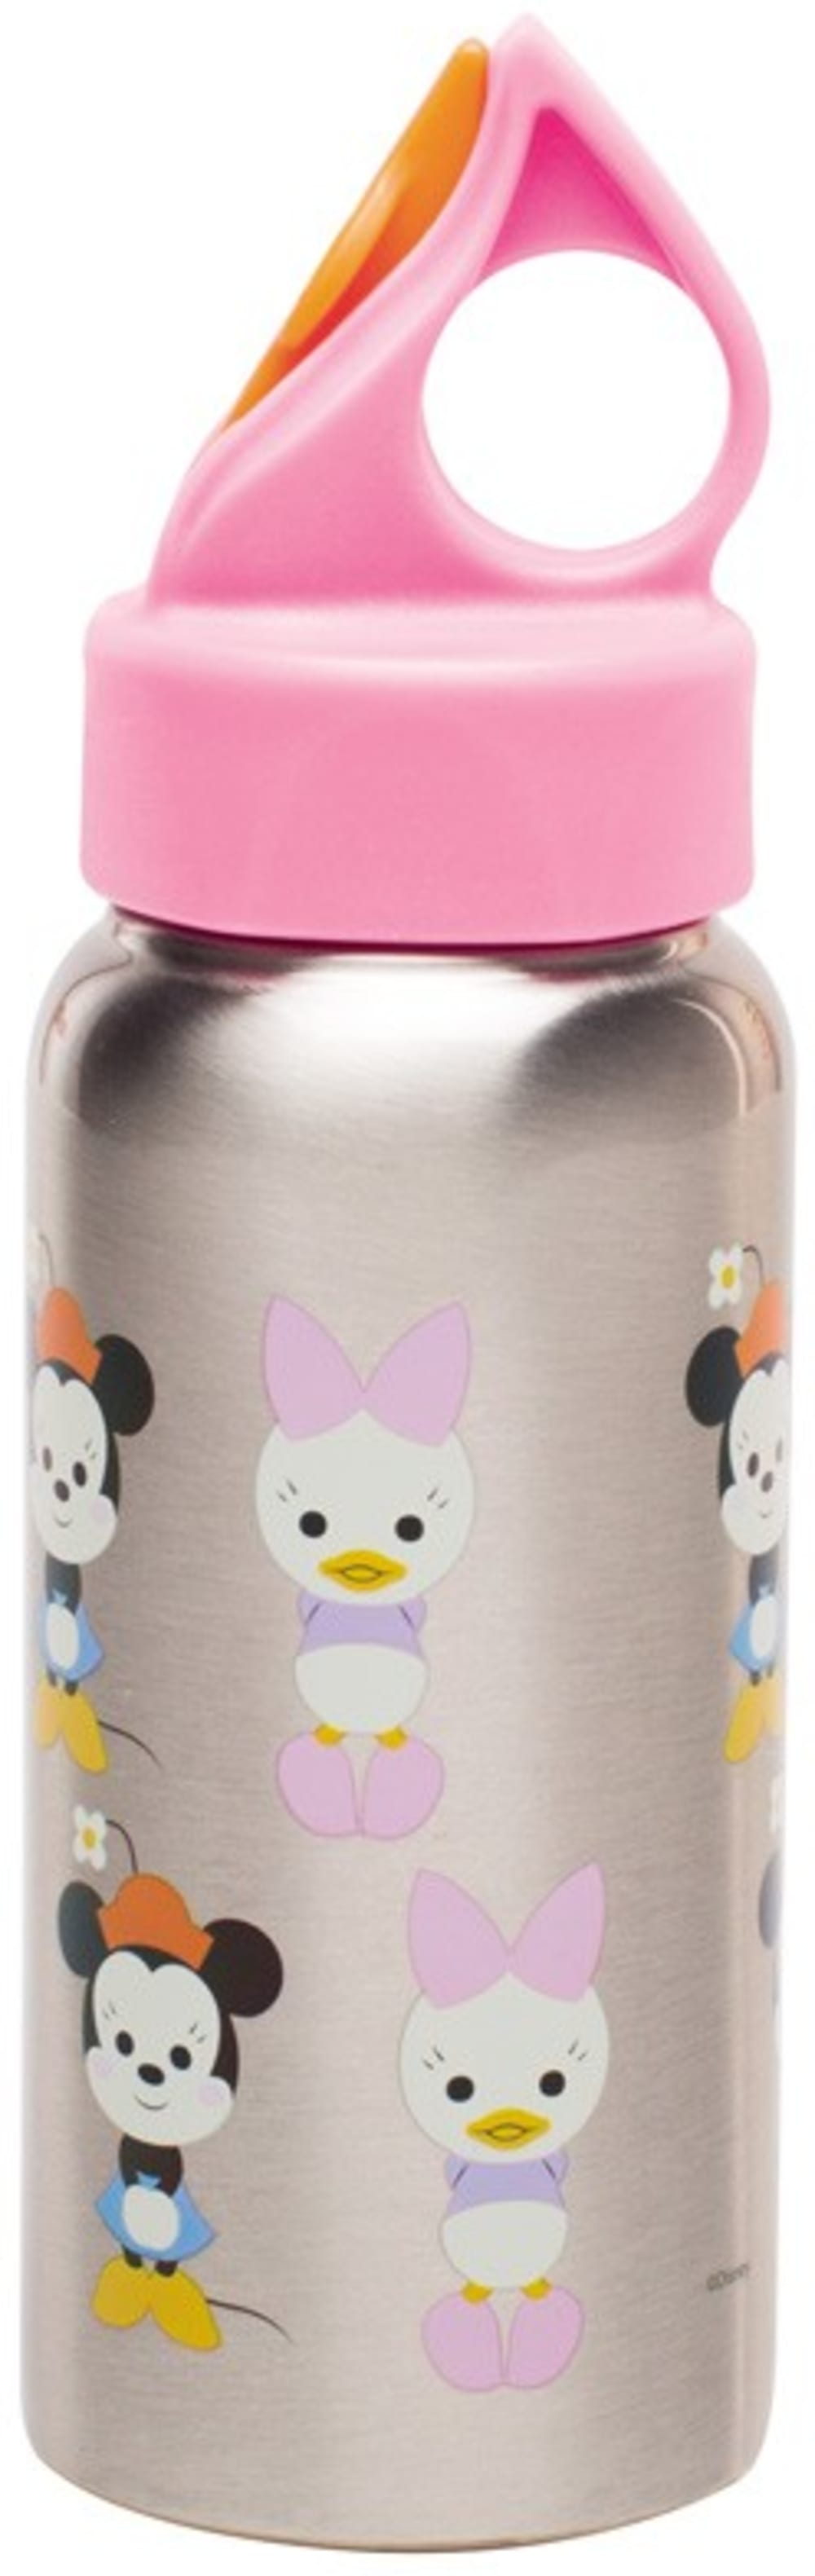 Butelka dla dzieci z uchwytem i ustnikiem Myszka Mickey Minnie